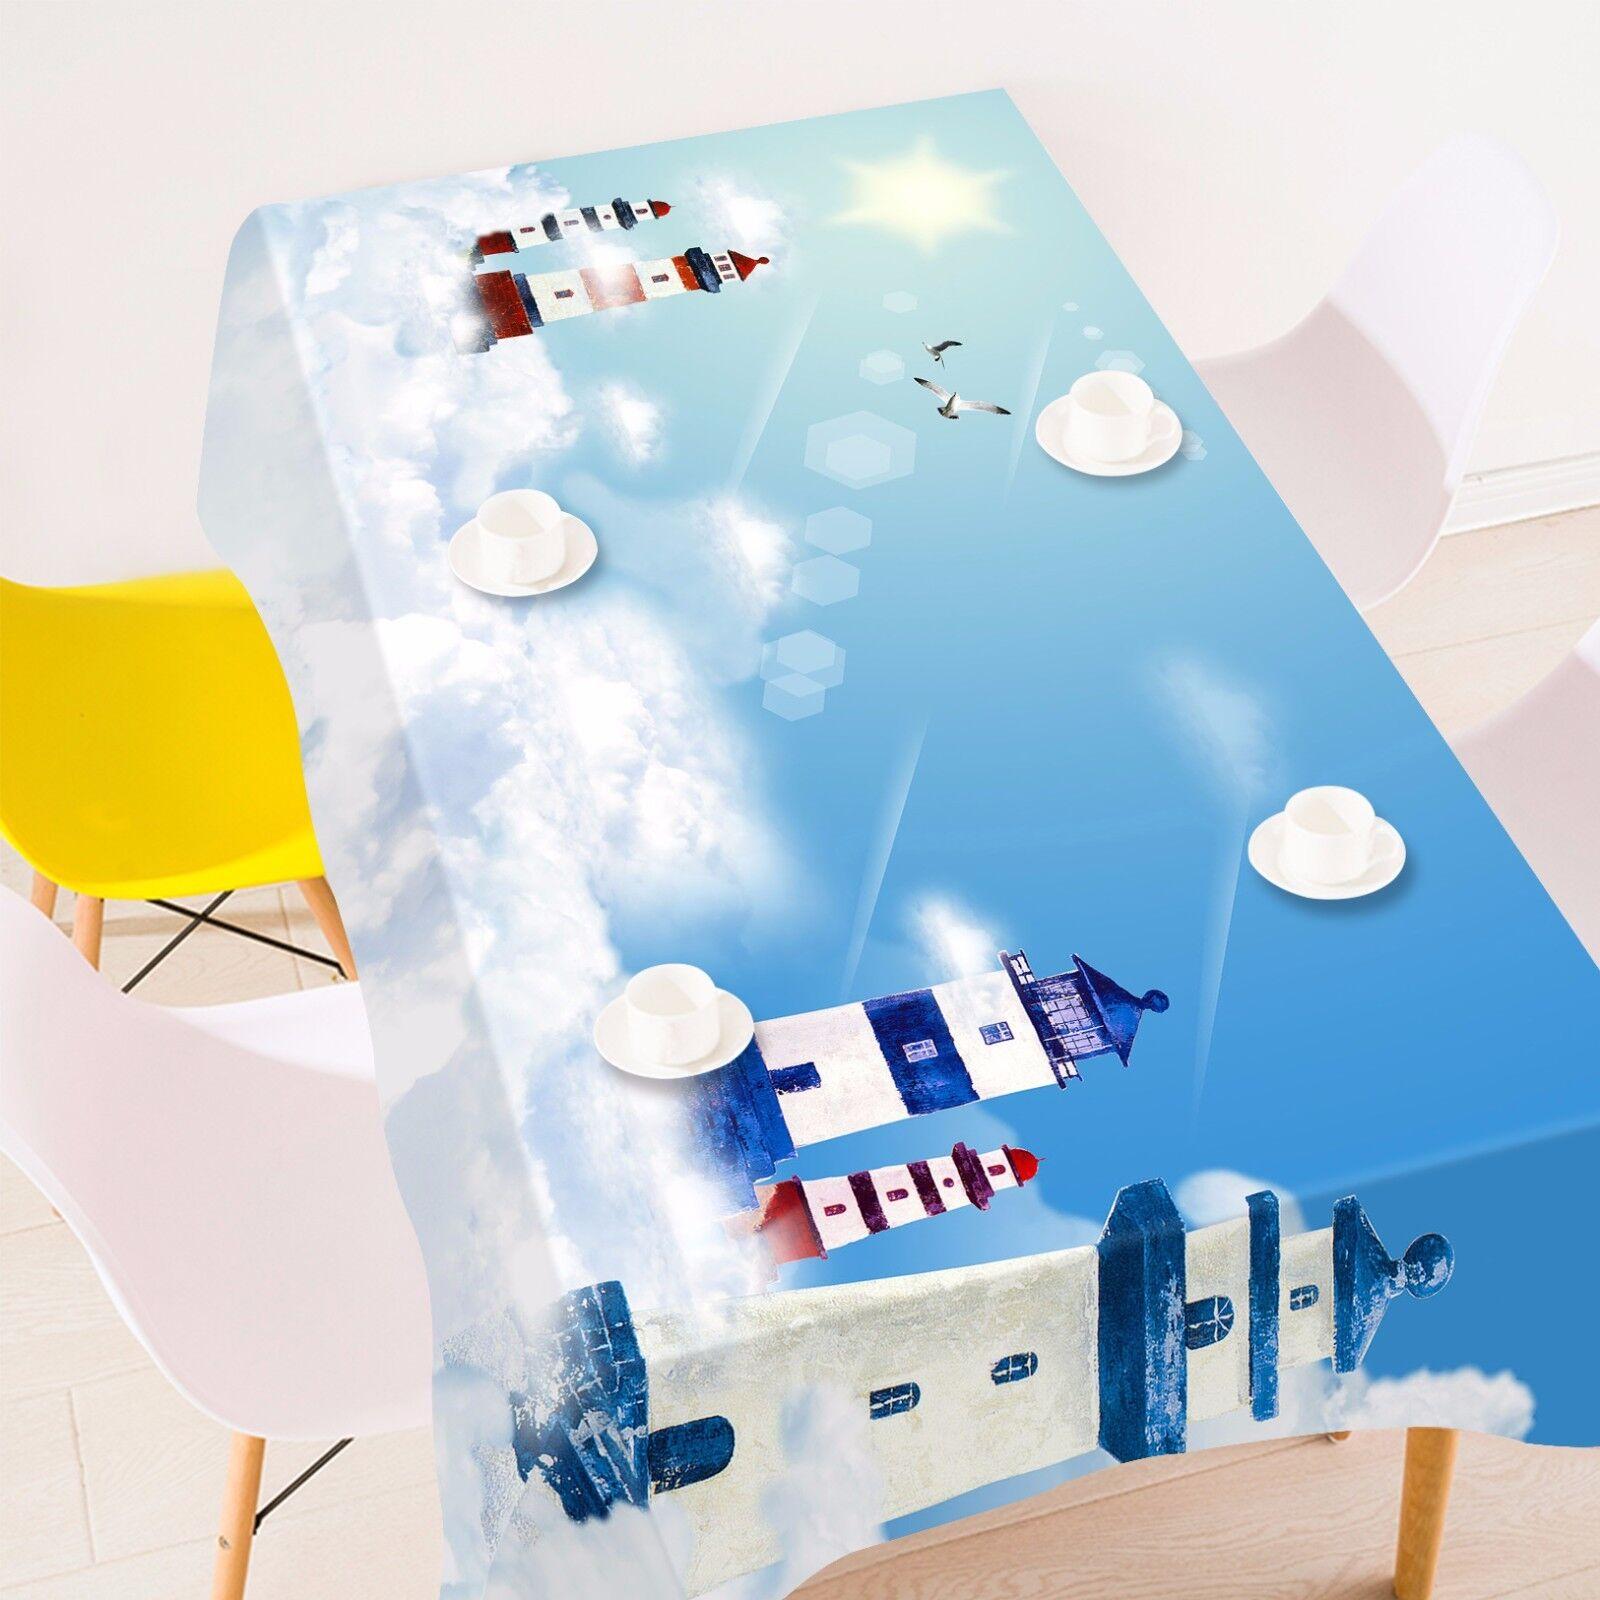 3D NUAGES 56 Nappe Table Cover Cloth fête d'anniversaire AJ papier peint Royaume-Uni Citron